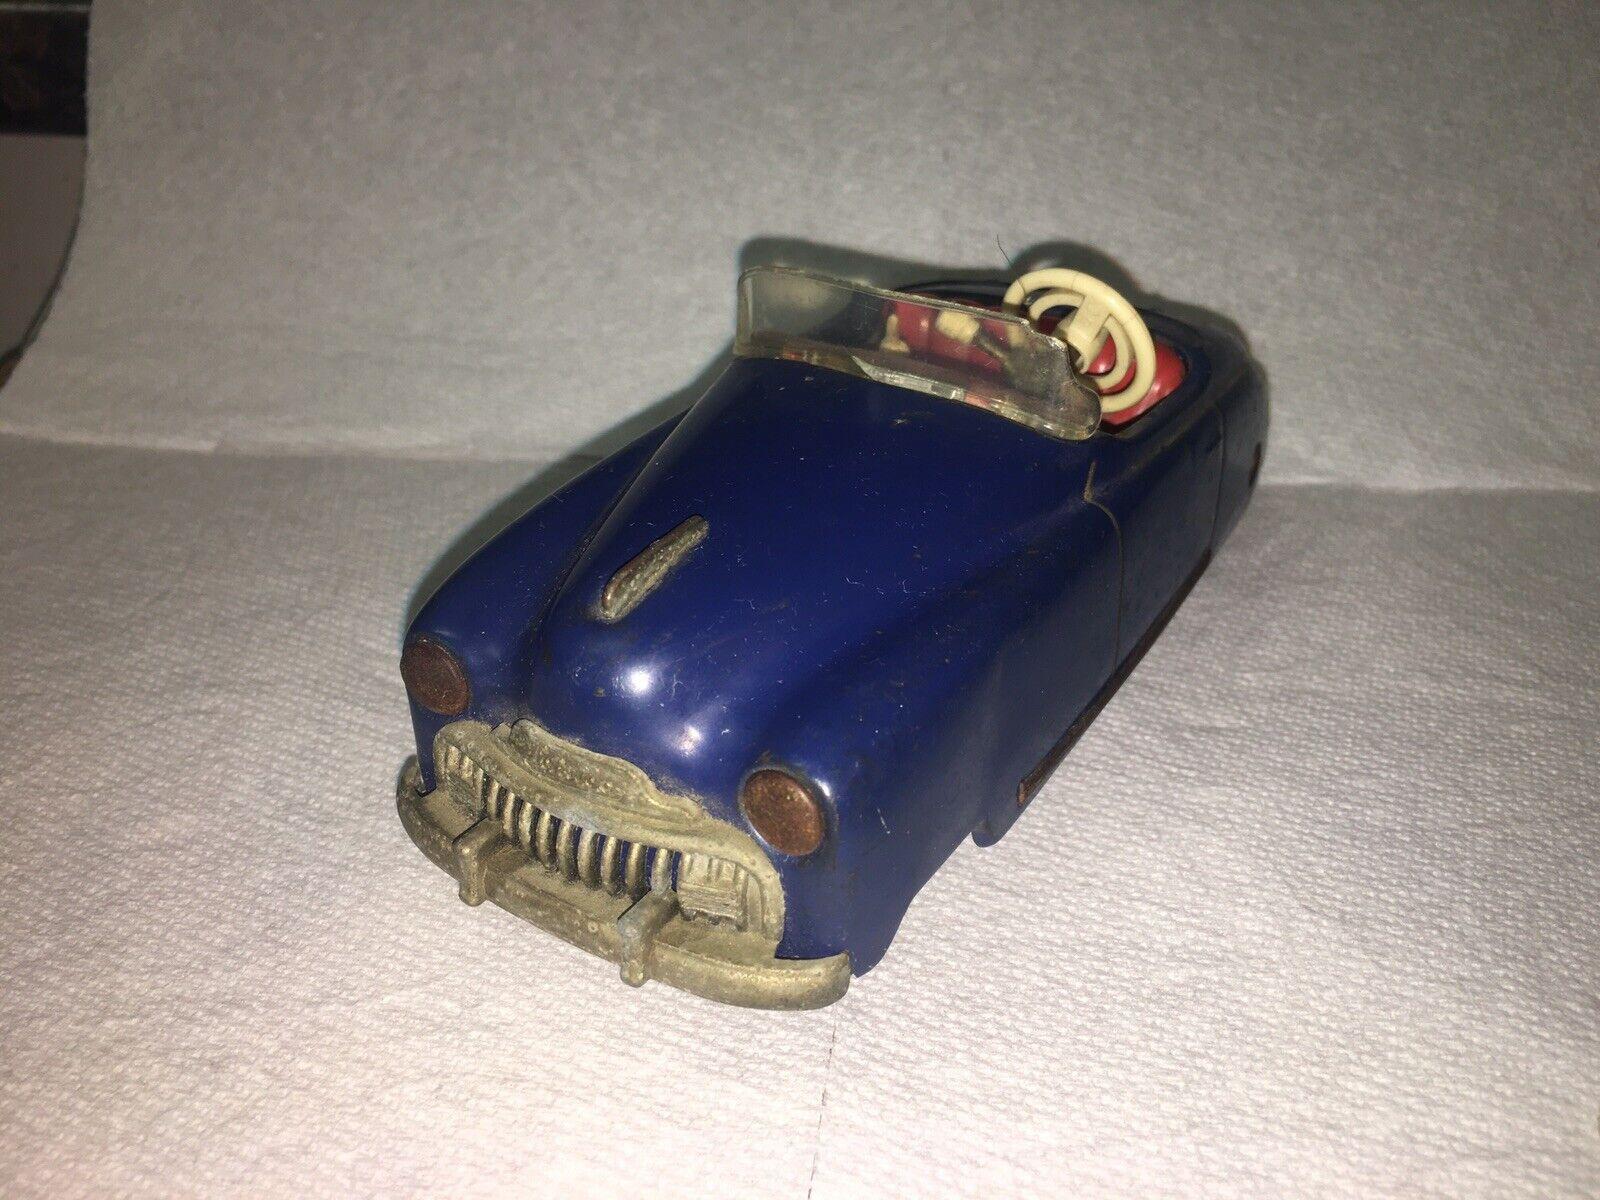 Vintage Schuco Tacho-Examico 4002 German Wind Up Toy Car